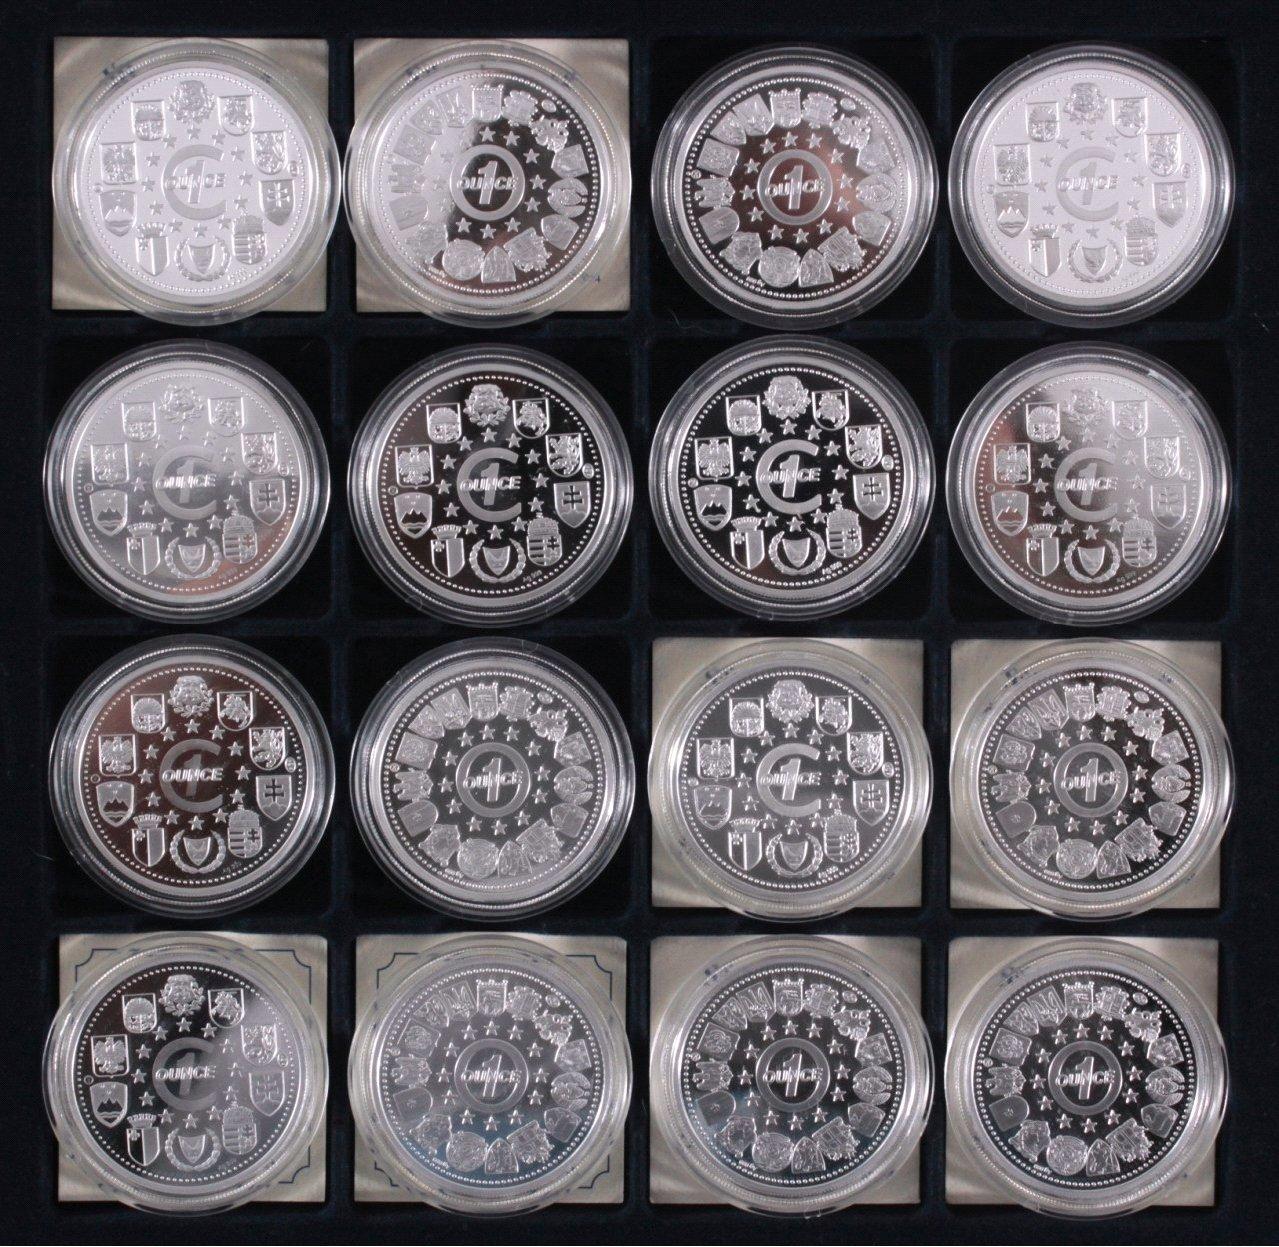 Europa, Konvolut von 16 Silbermünzen aus Europa-3